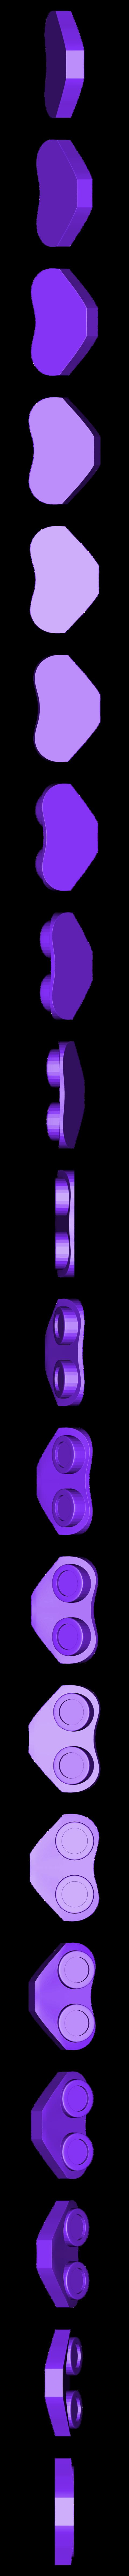 RearEngine_Red.STL Télécharger fichier STL gratuit Vaisseau spatial (multi-couleur) • Design à imprimer en 3D, MosaicManufacturing